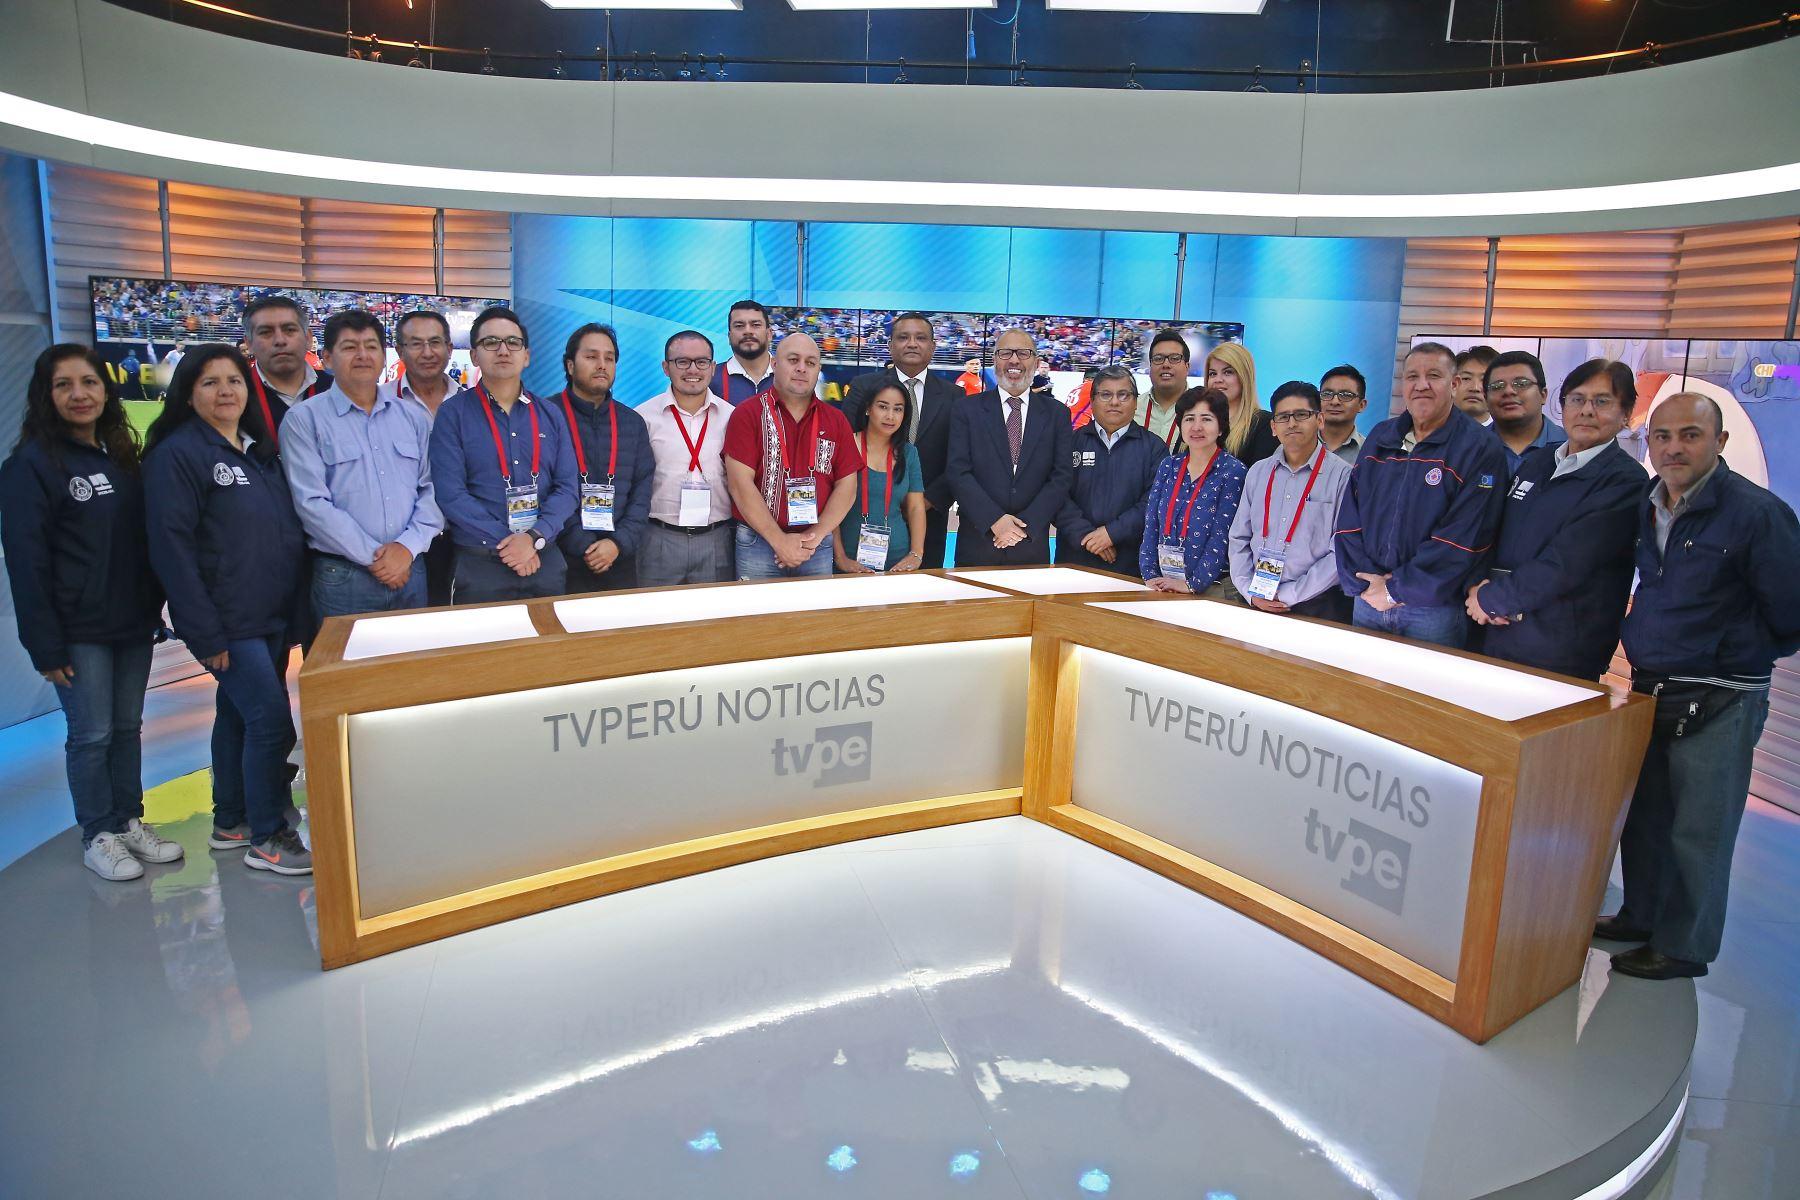 """Veinticinco profesionales de 8 países del centro y sur de América visitaron las instalaciones de TV Perú, en el marco del """"Curso Internacional de Televisión Digital Terrestre (TDT) y su Aplicación a nivel de Sistemas de Alerta de Emergencia por Radiodifusión (EWBS) para Desastres"""".Foto: ANDINA/Vidal Tarqui"""